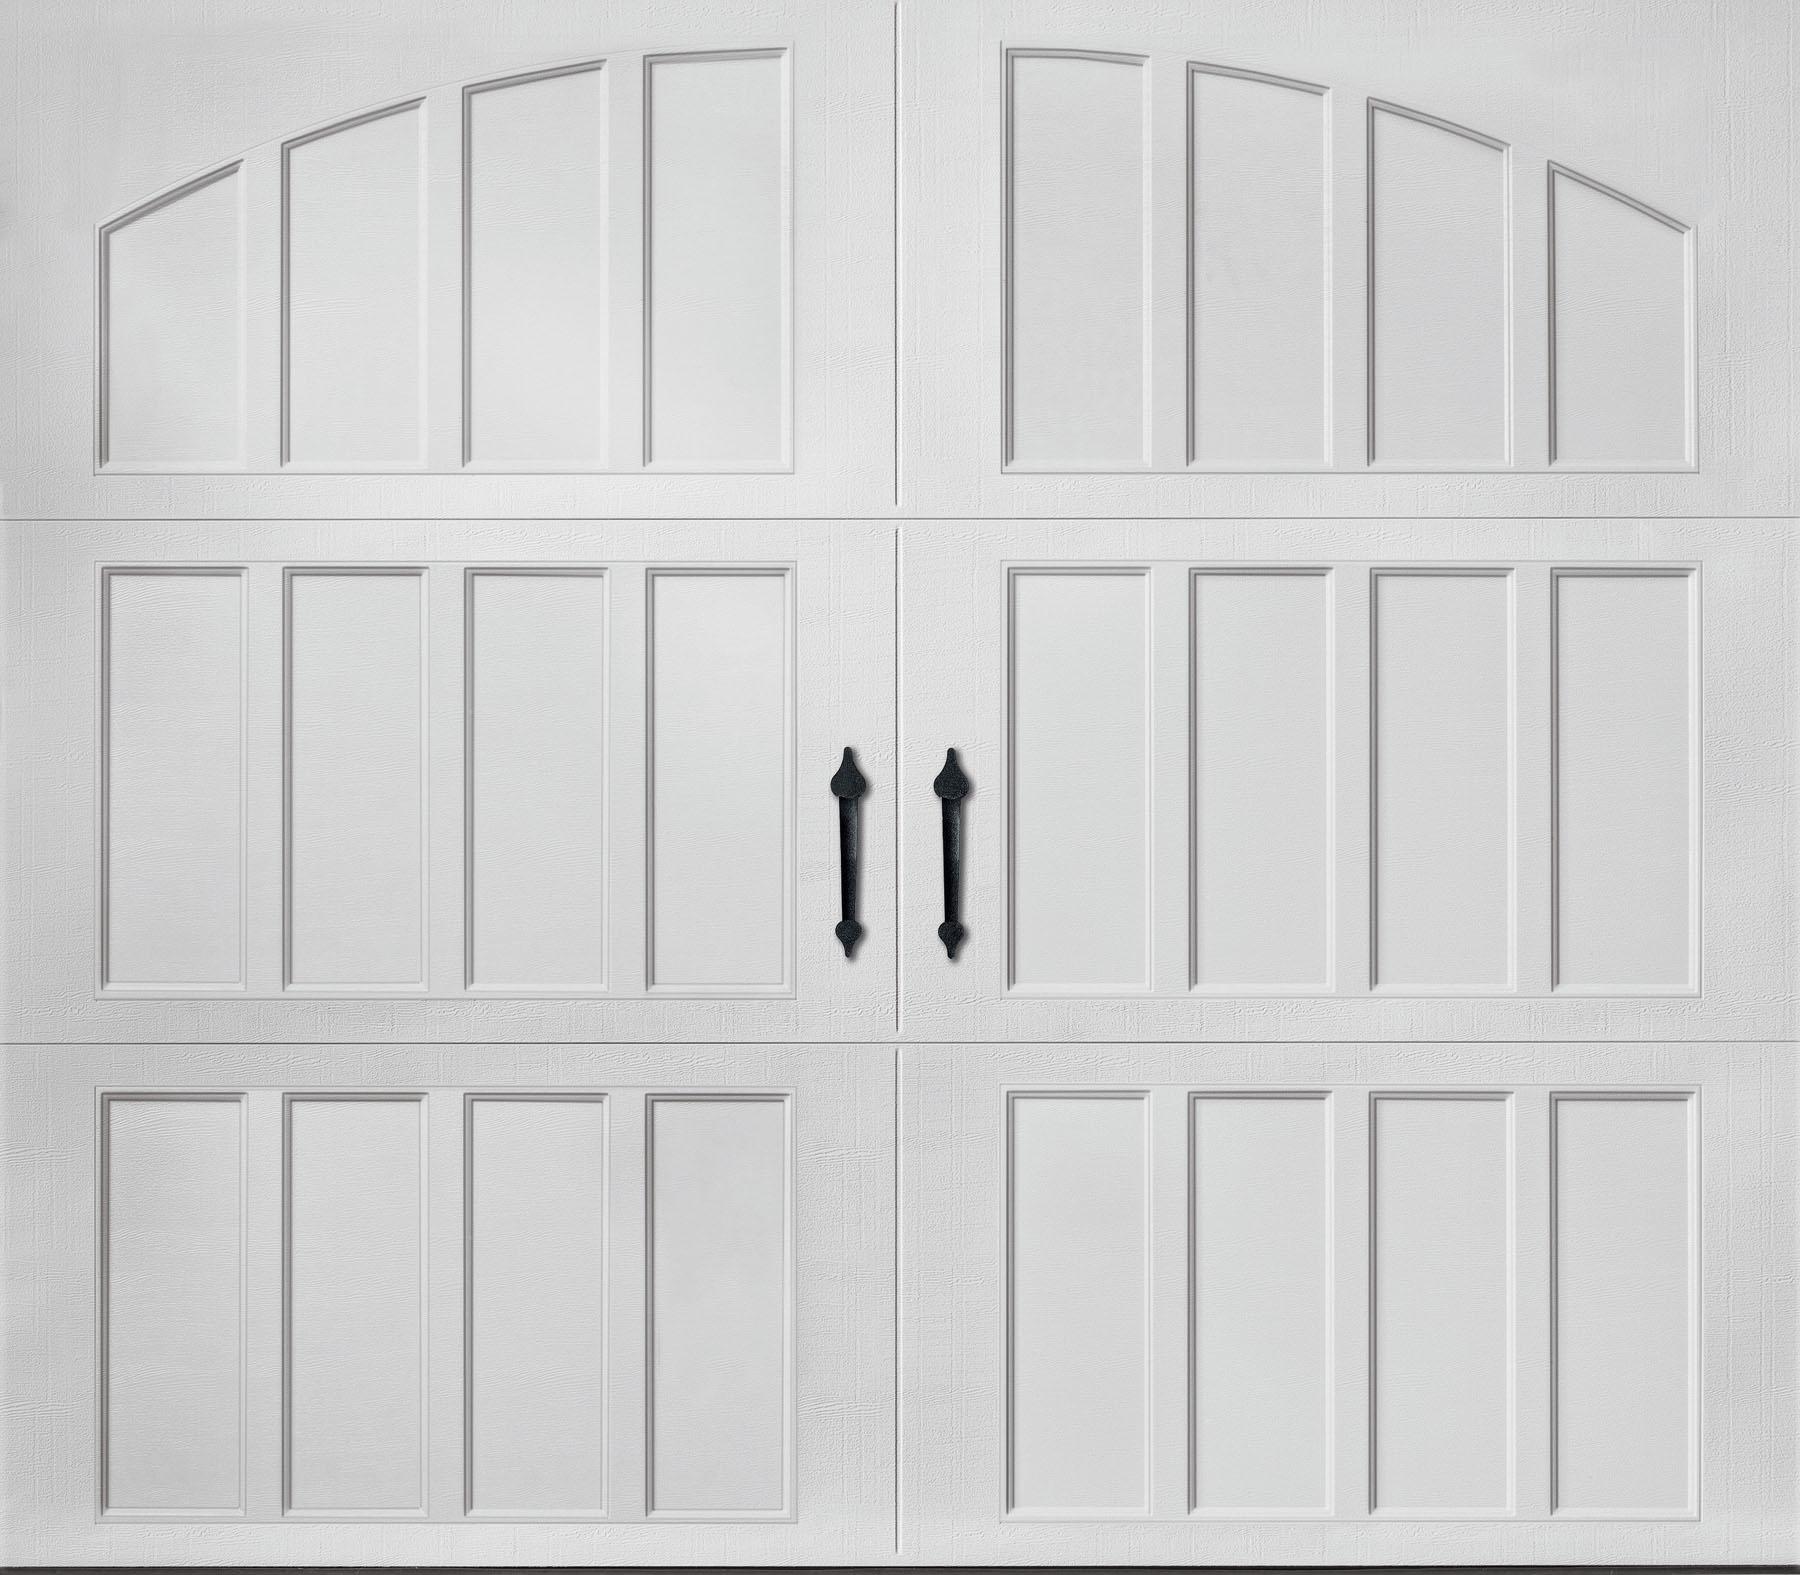 Residential Garage Door Models